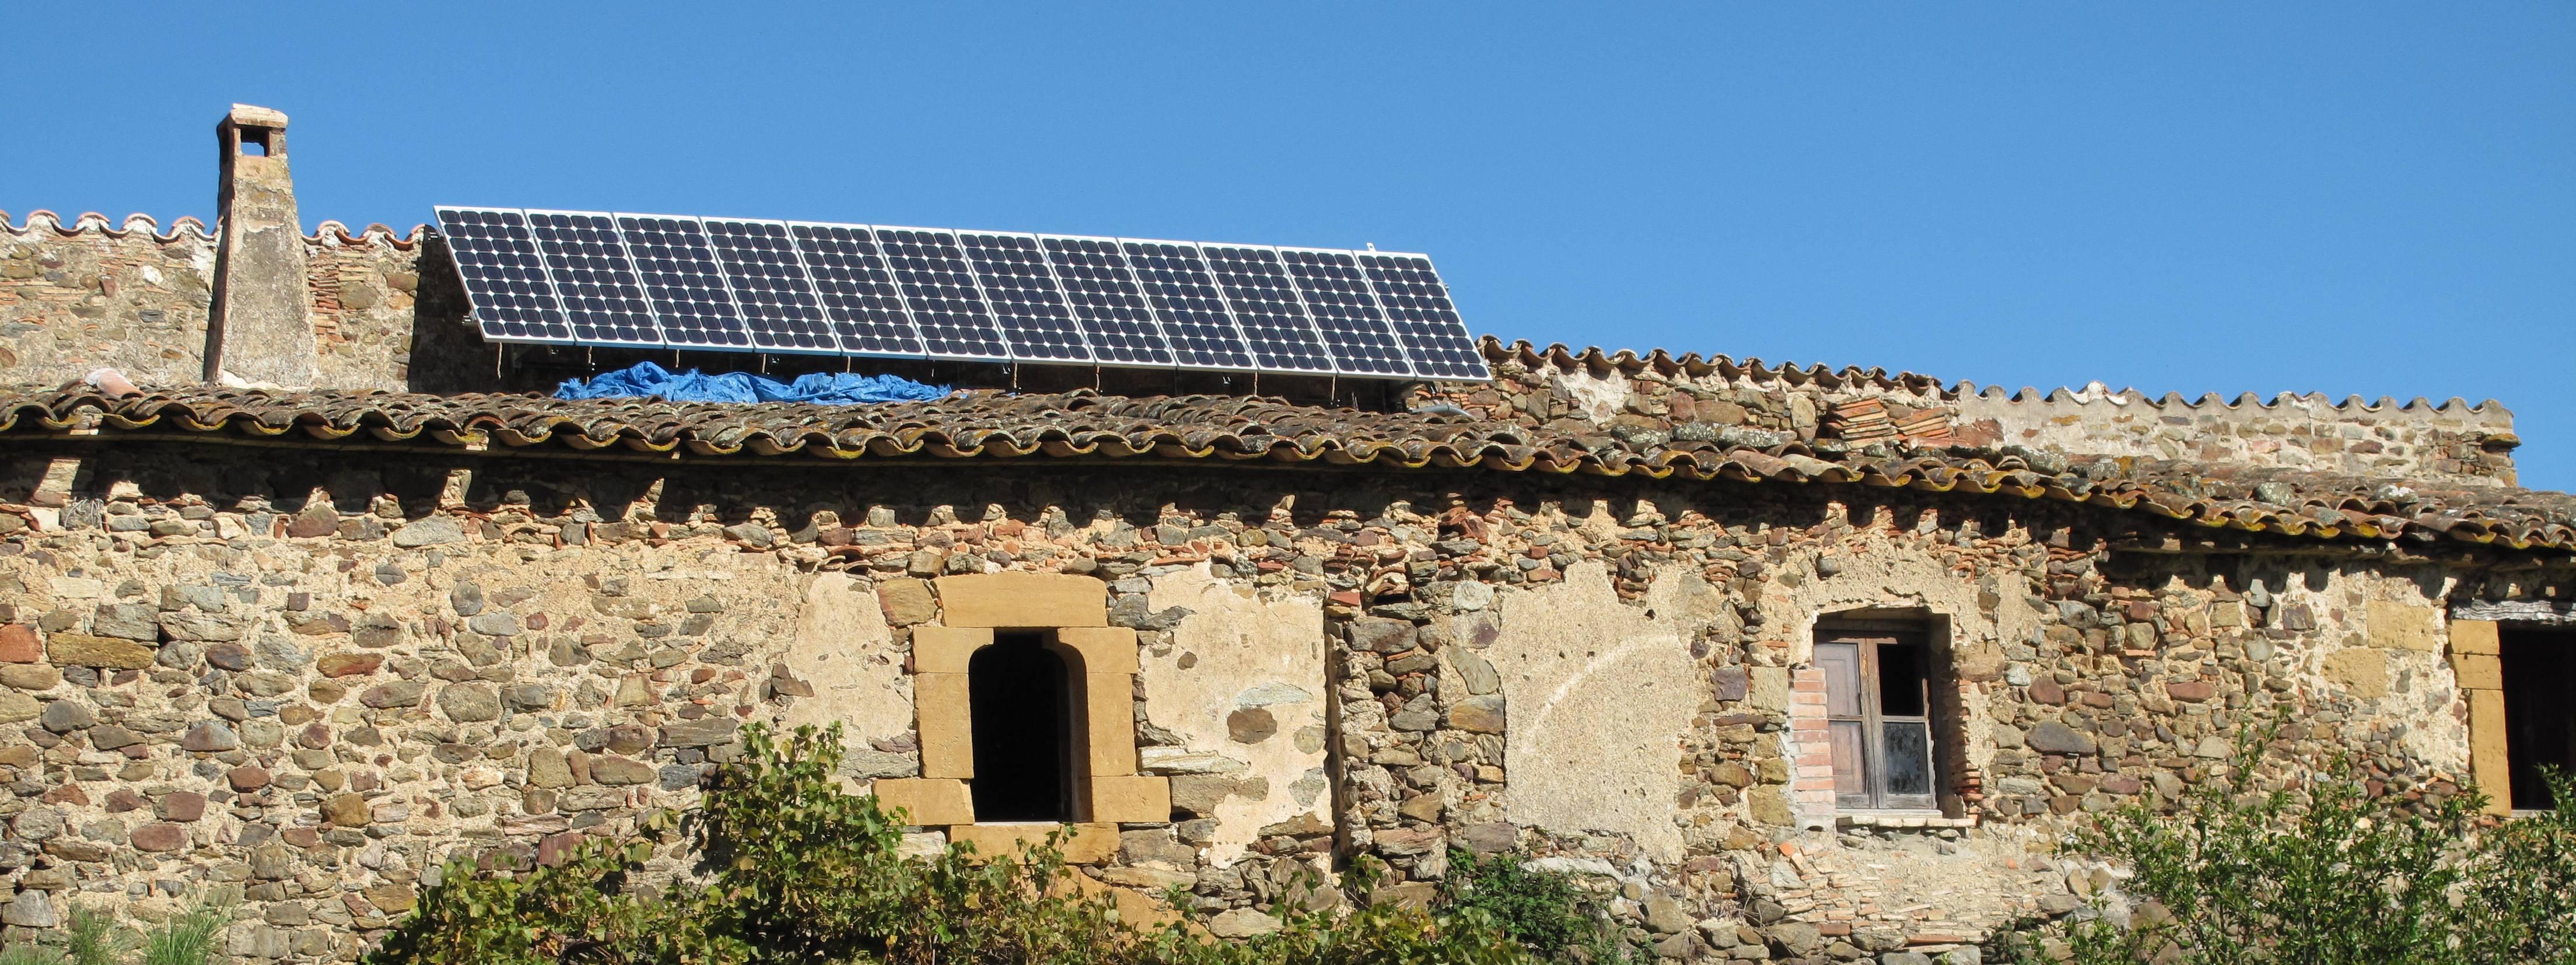 Electricidad-para-casa-rural